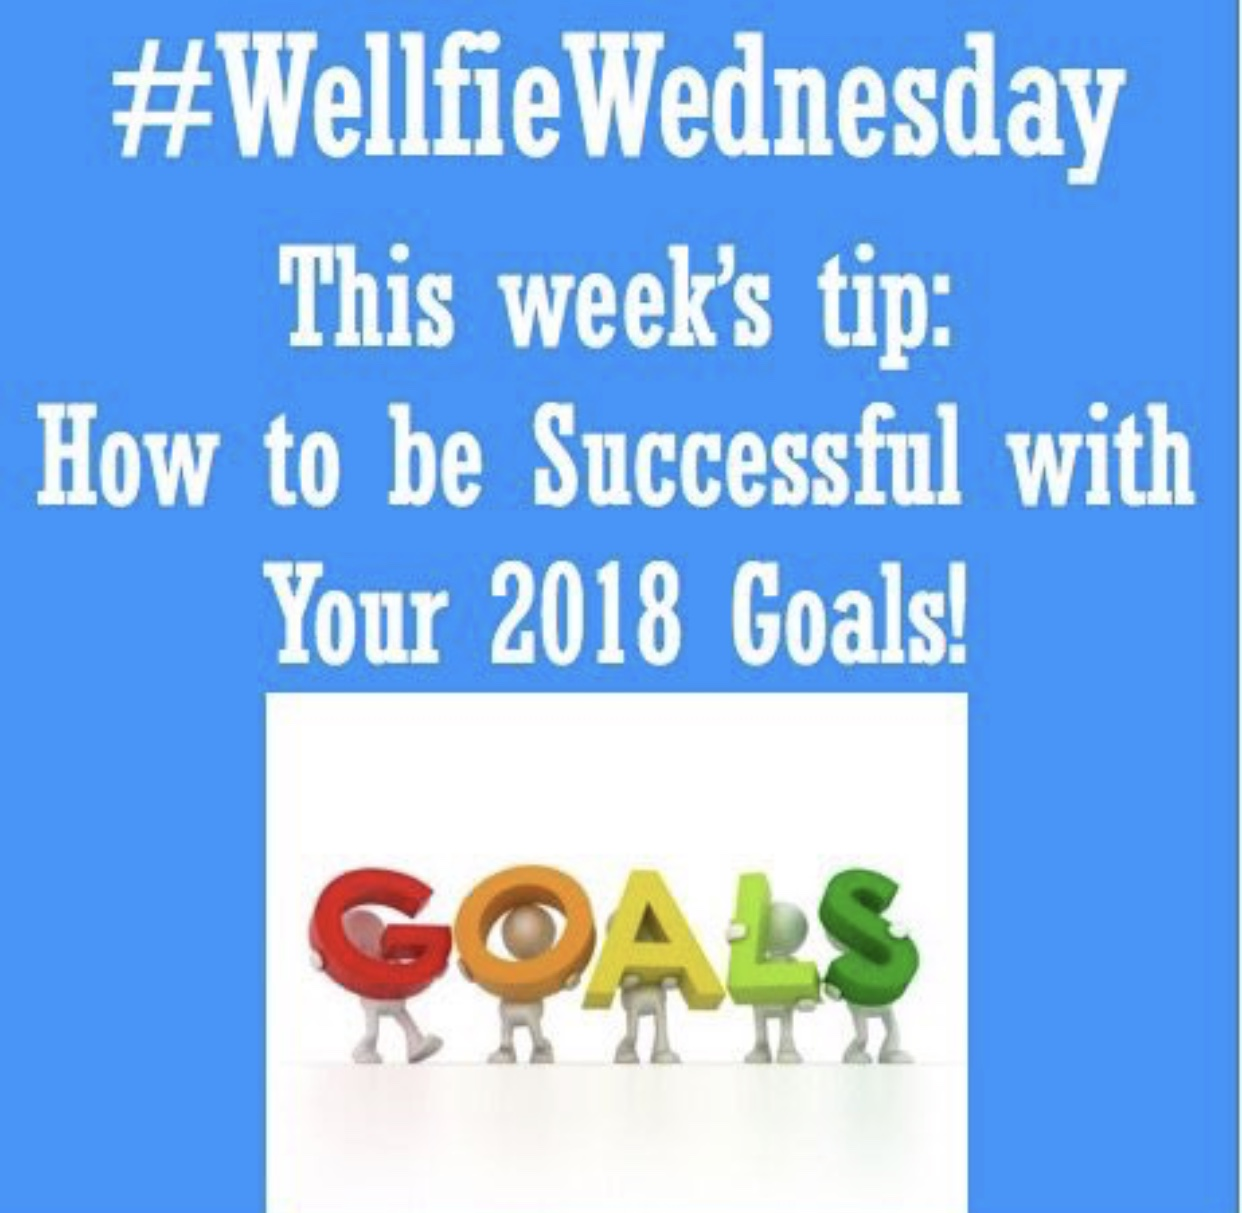 Wellfie Wednesday: Meeting Your 2018 Goals